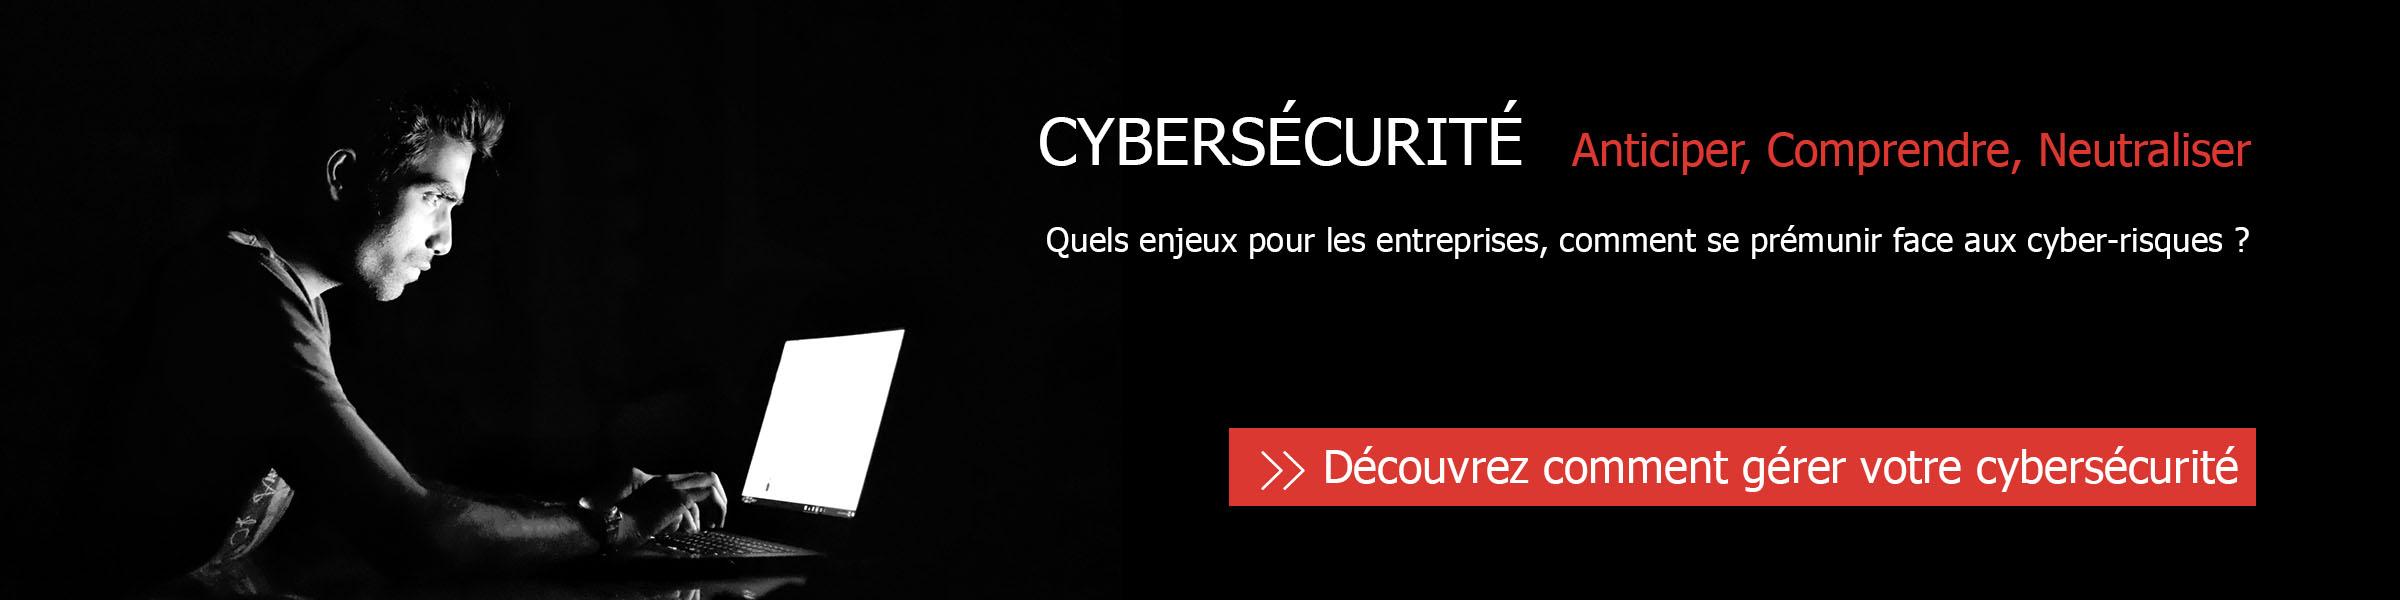 Bandeau cybersécurité